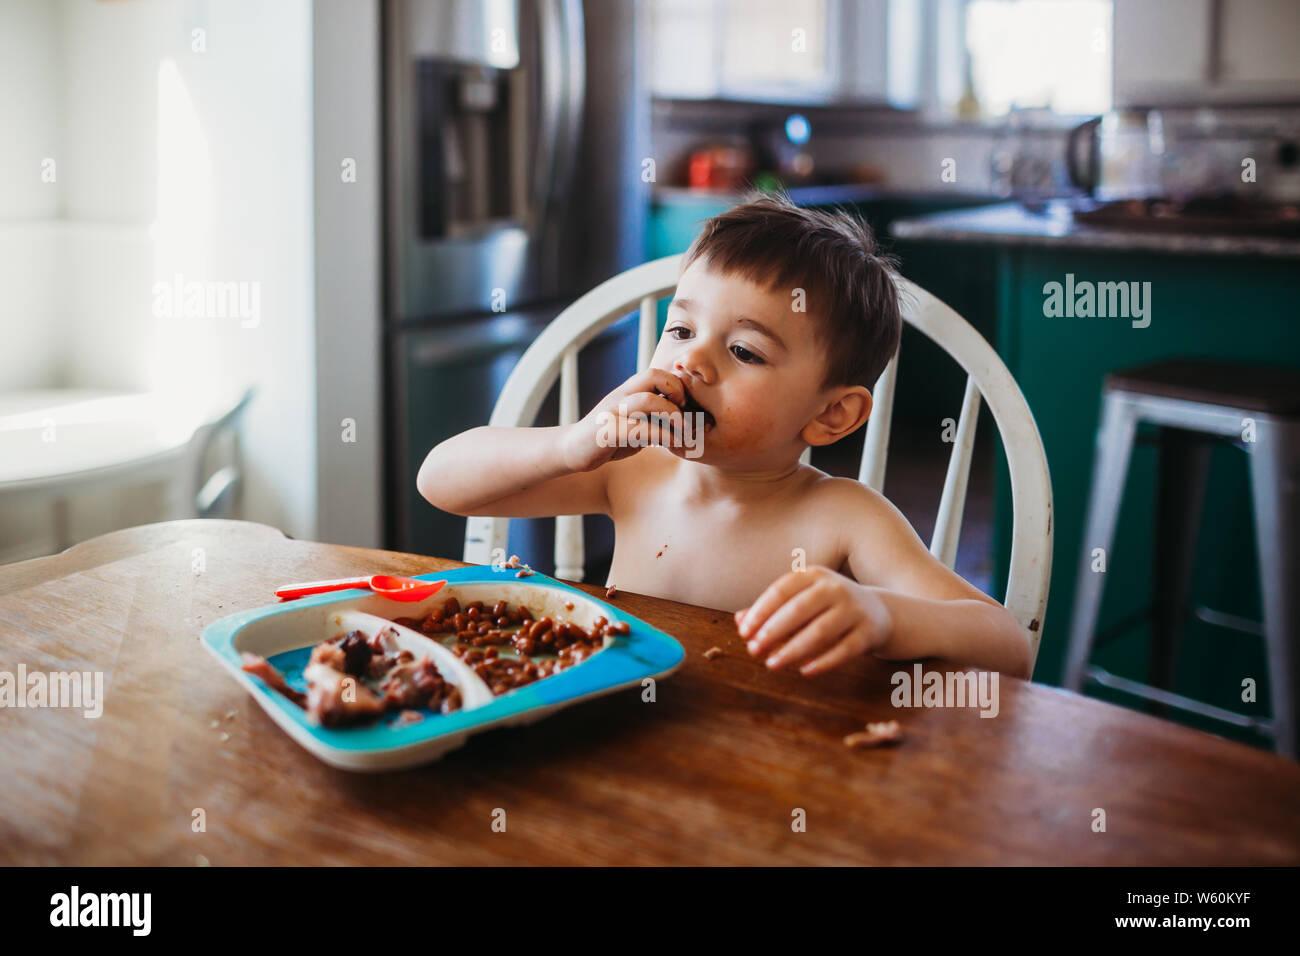 Joven comiendo costillas mientras está sentado en la mesa de comedor Foto de stock